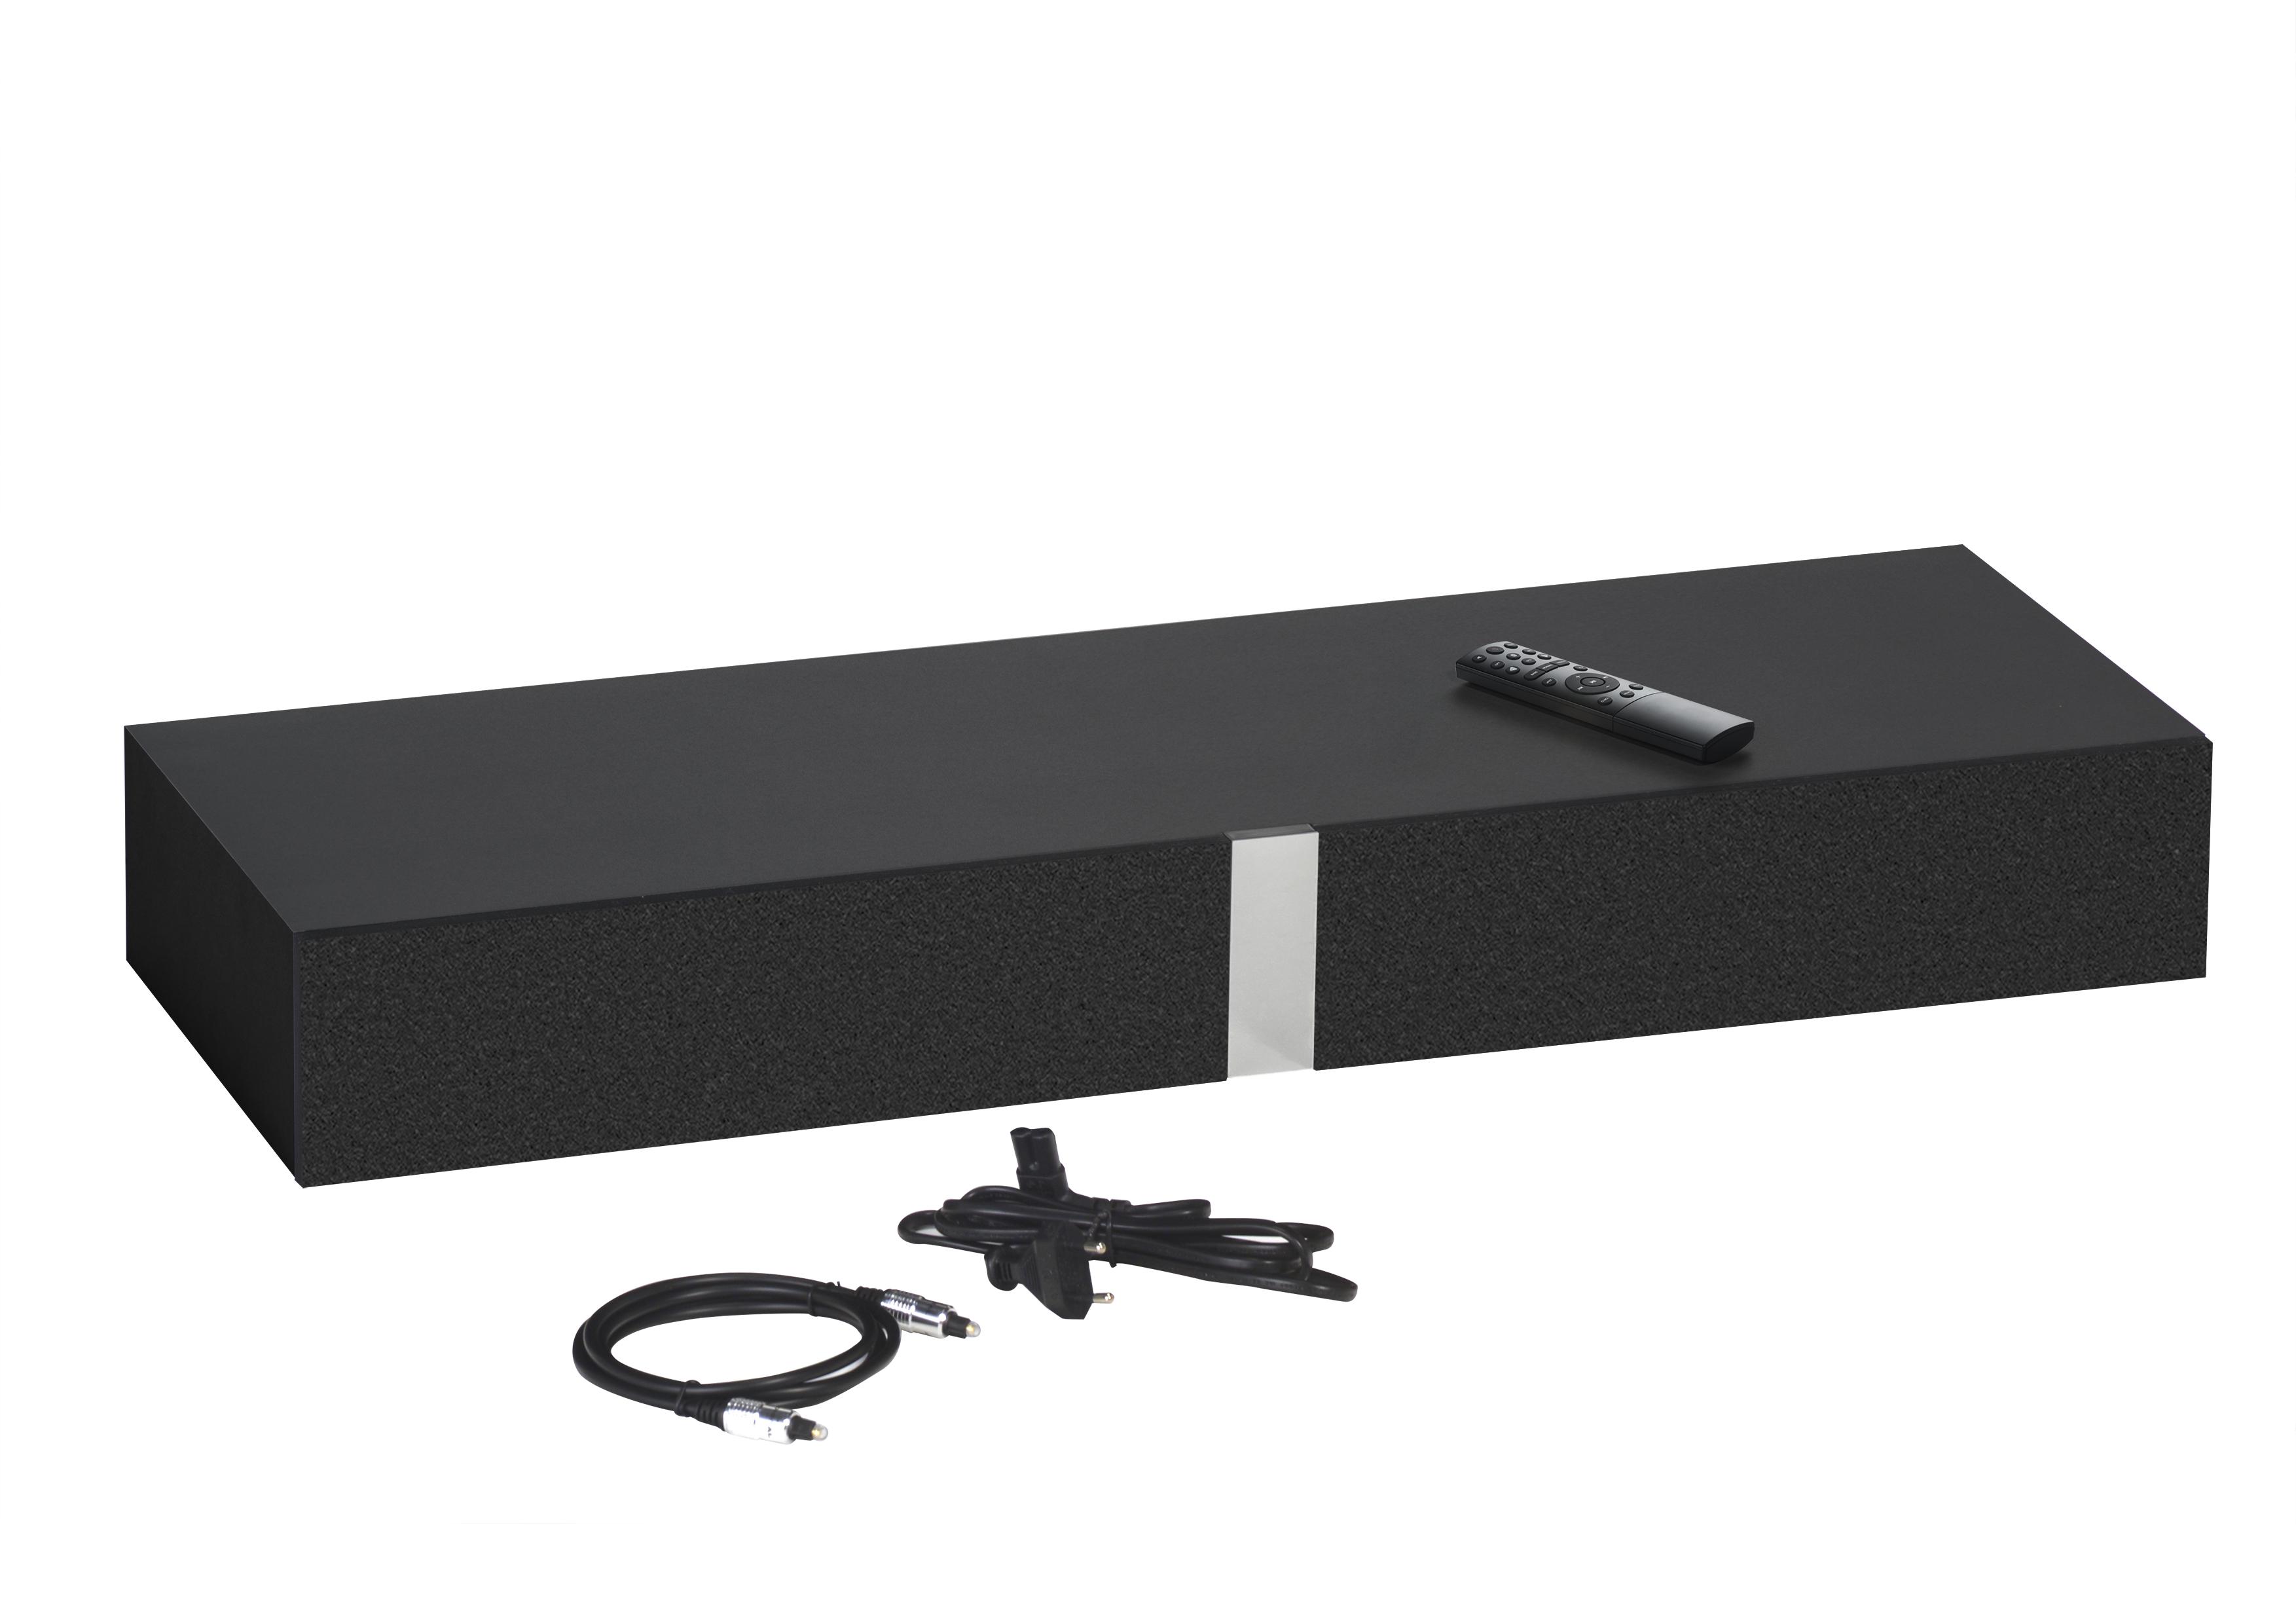 lowboard 160 cm breit soundconcept wood von maja riviera eiche schwarz. Black Bedroom Furniture Sets. Home Design Ideas